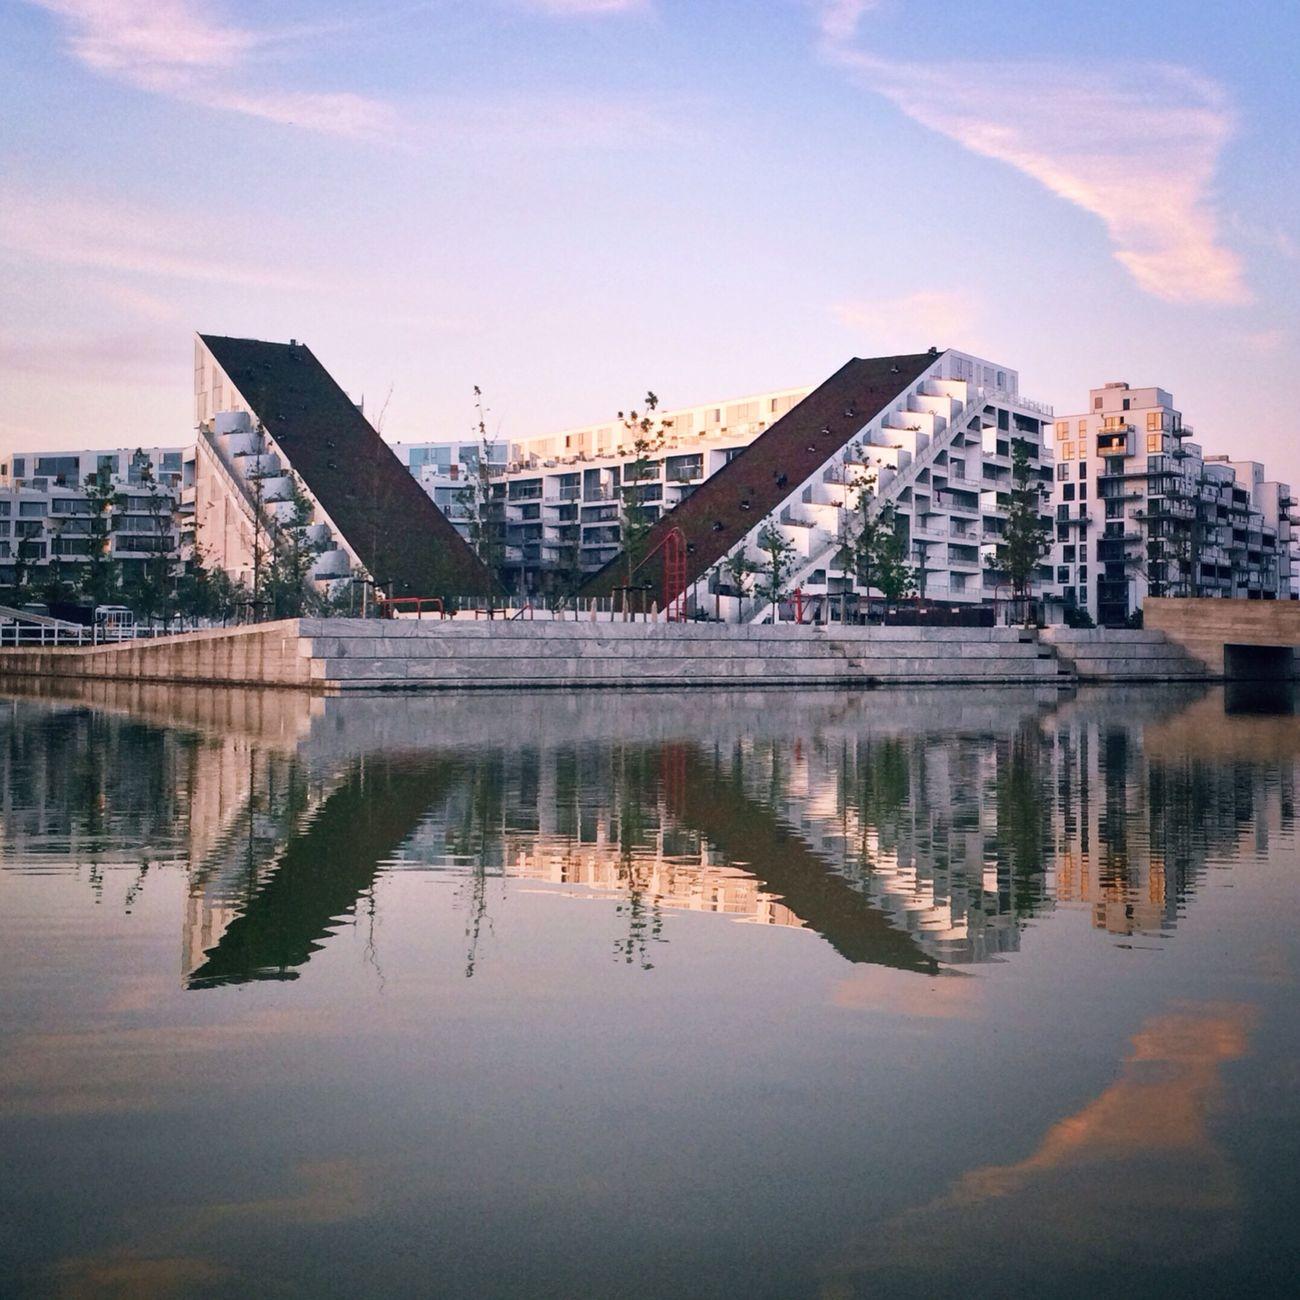 Architecture The Architect - 2014 EyeEm Awards Reflection